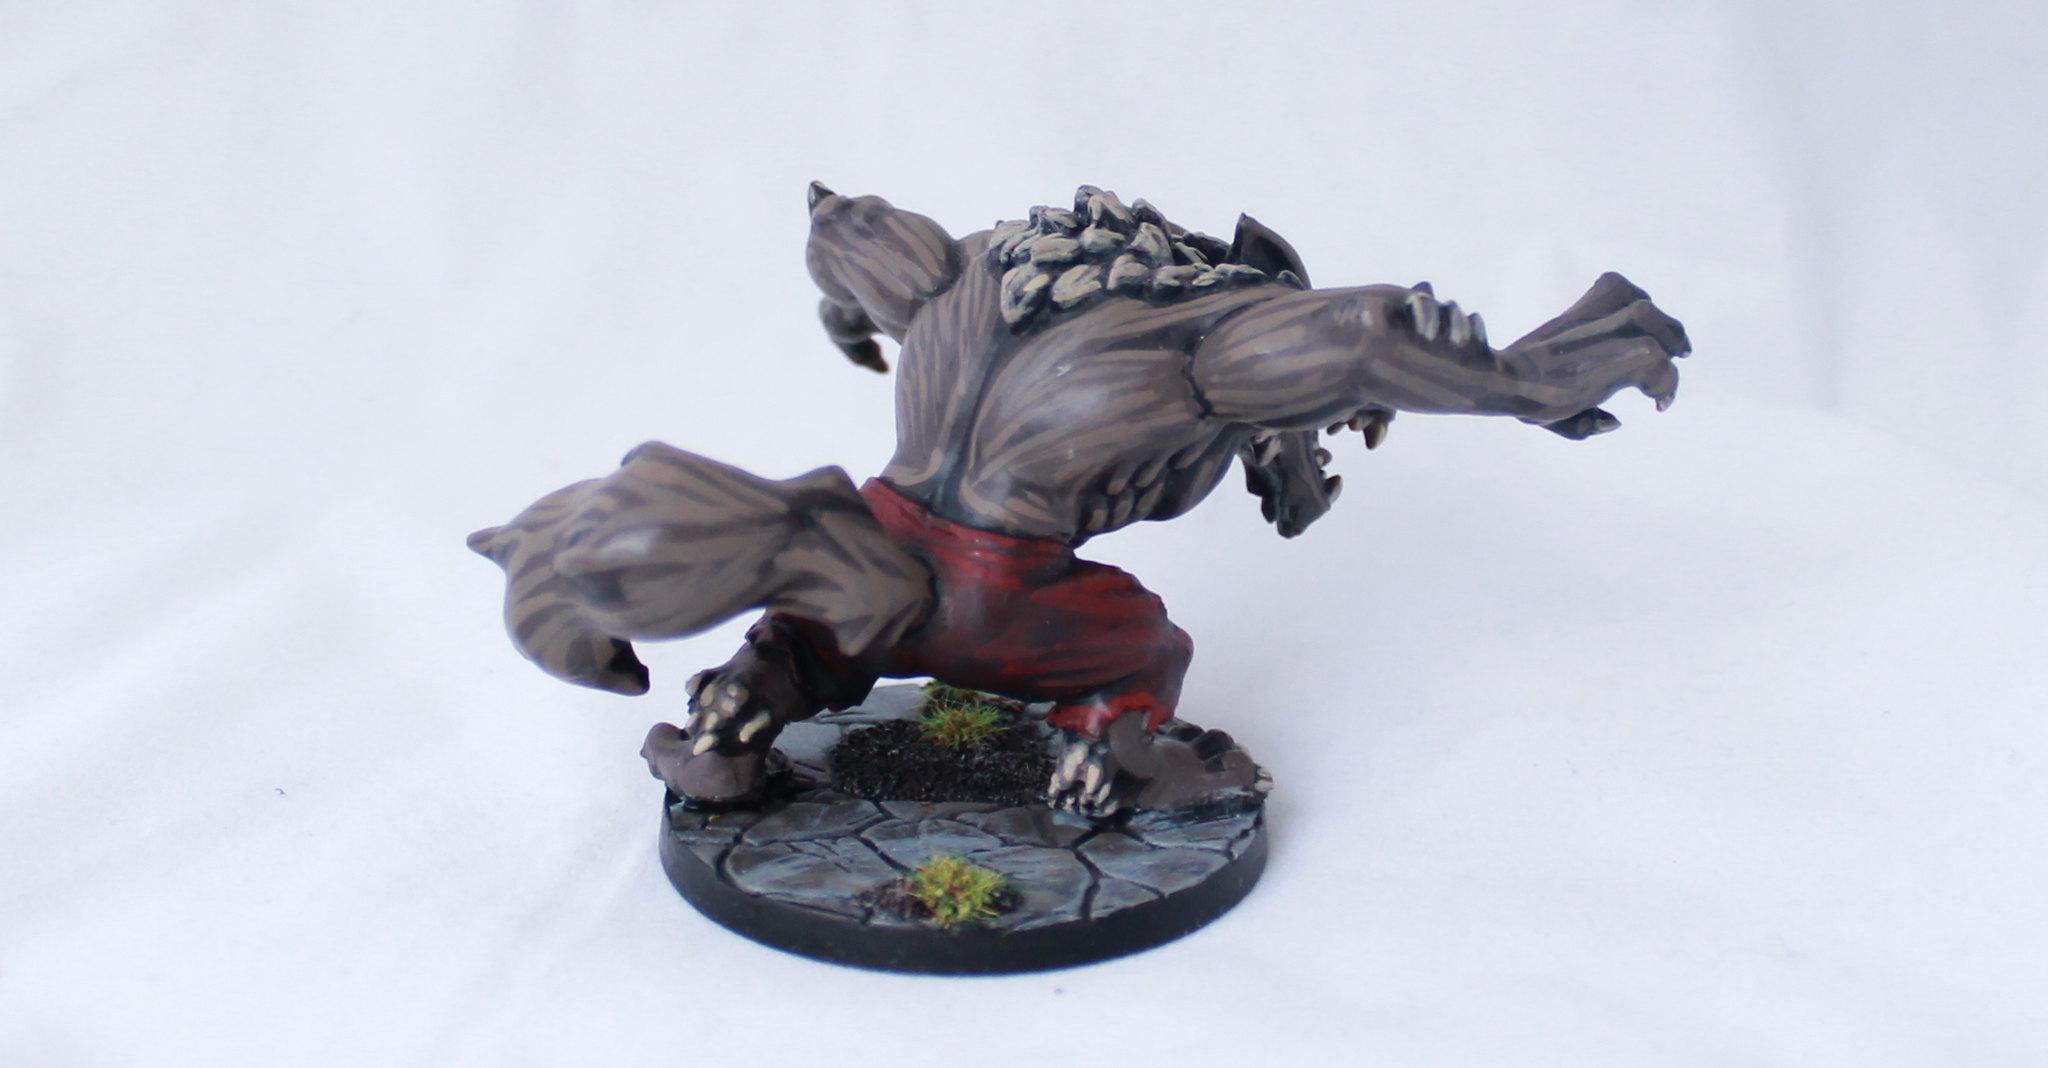 Super Dungeon Explore SDE Von Drakk Manor Von Wilder Chibi Werewolf Painted